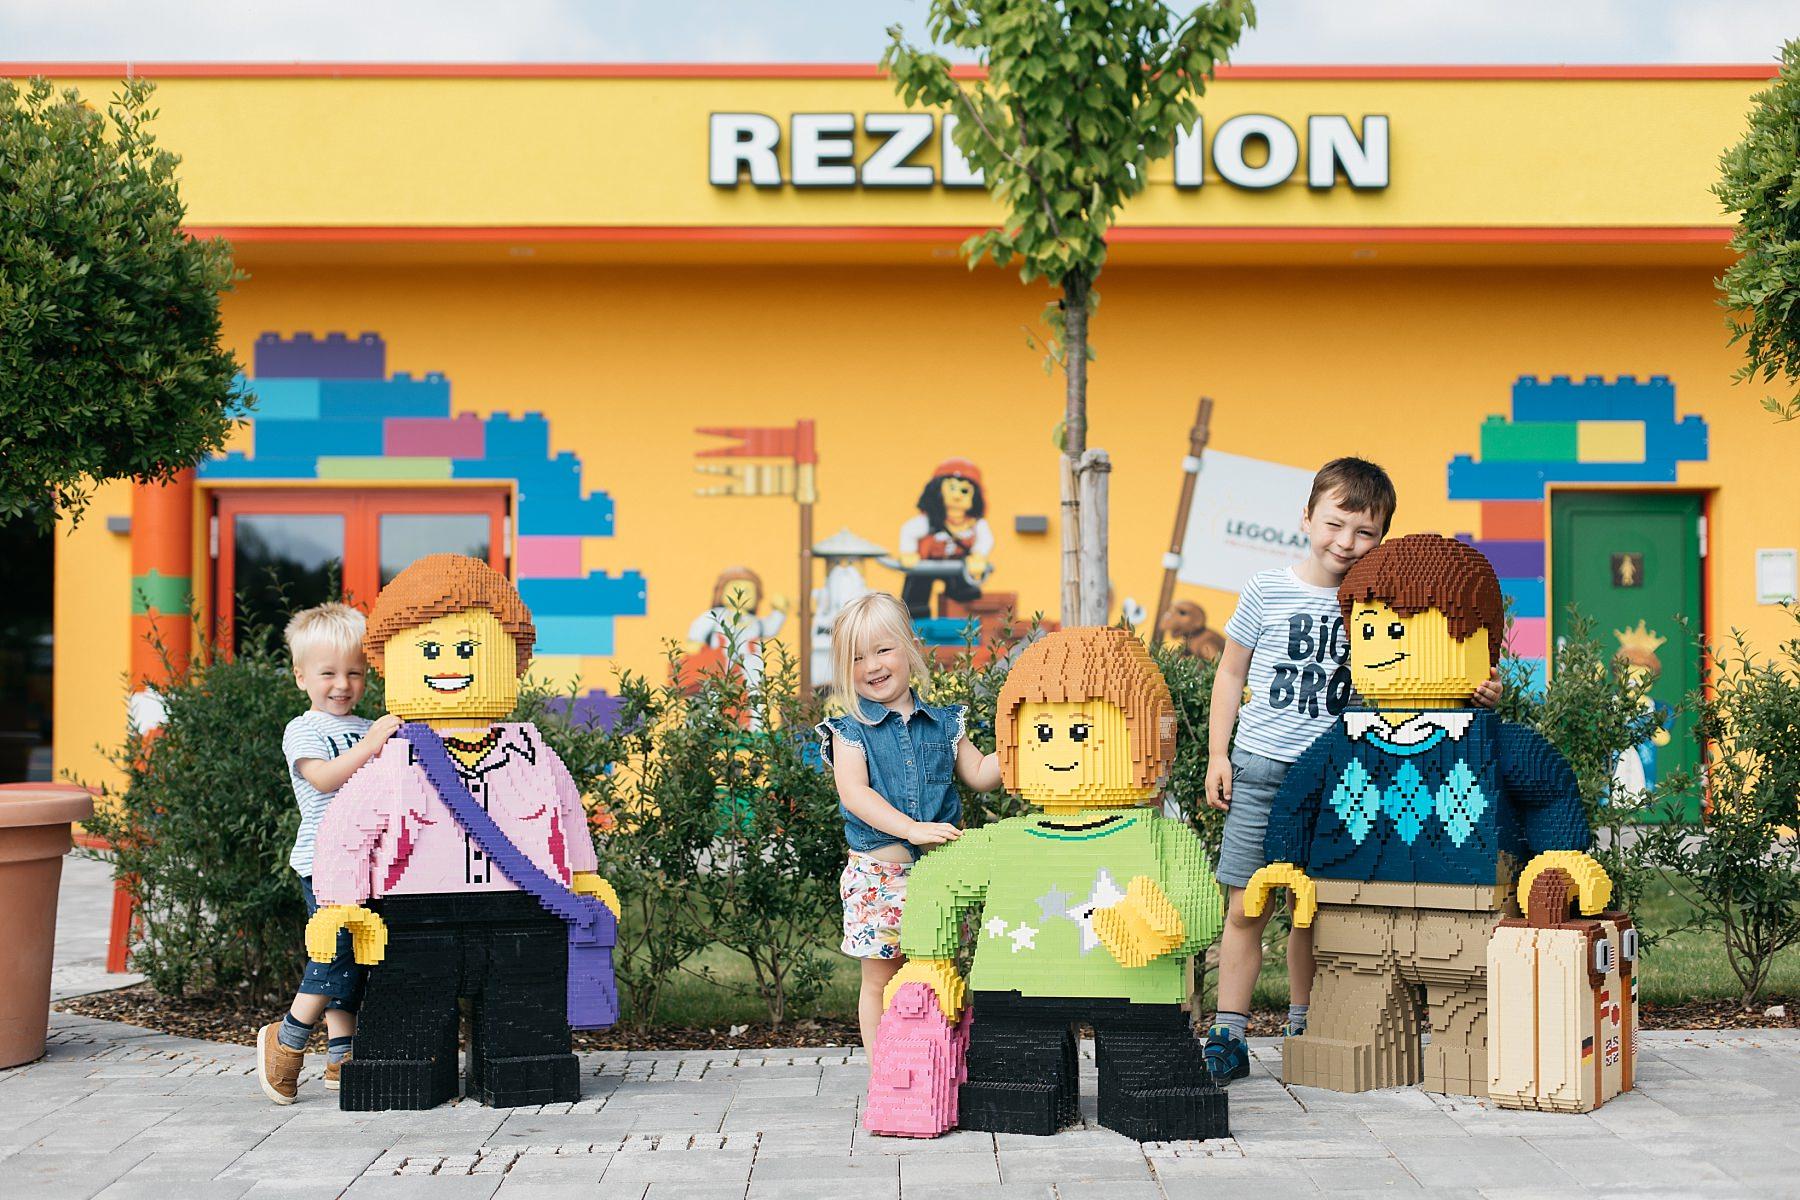 Legoland - 57 millions de briques Lego 2